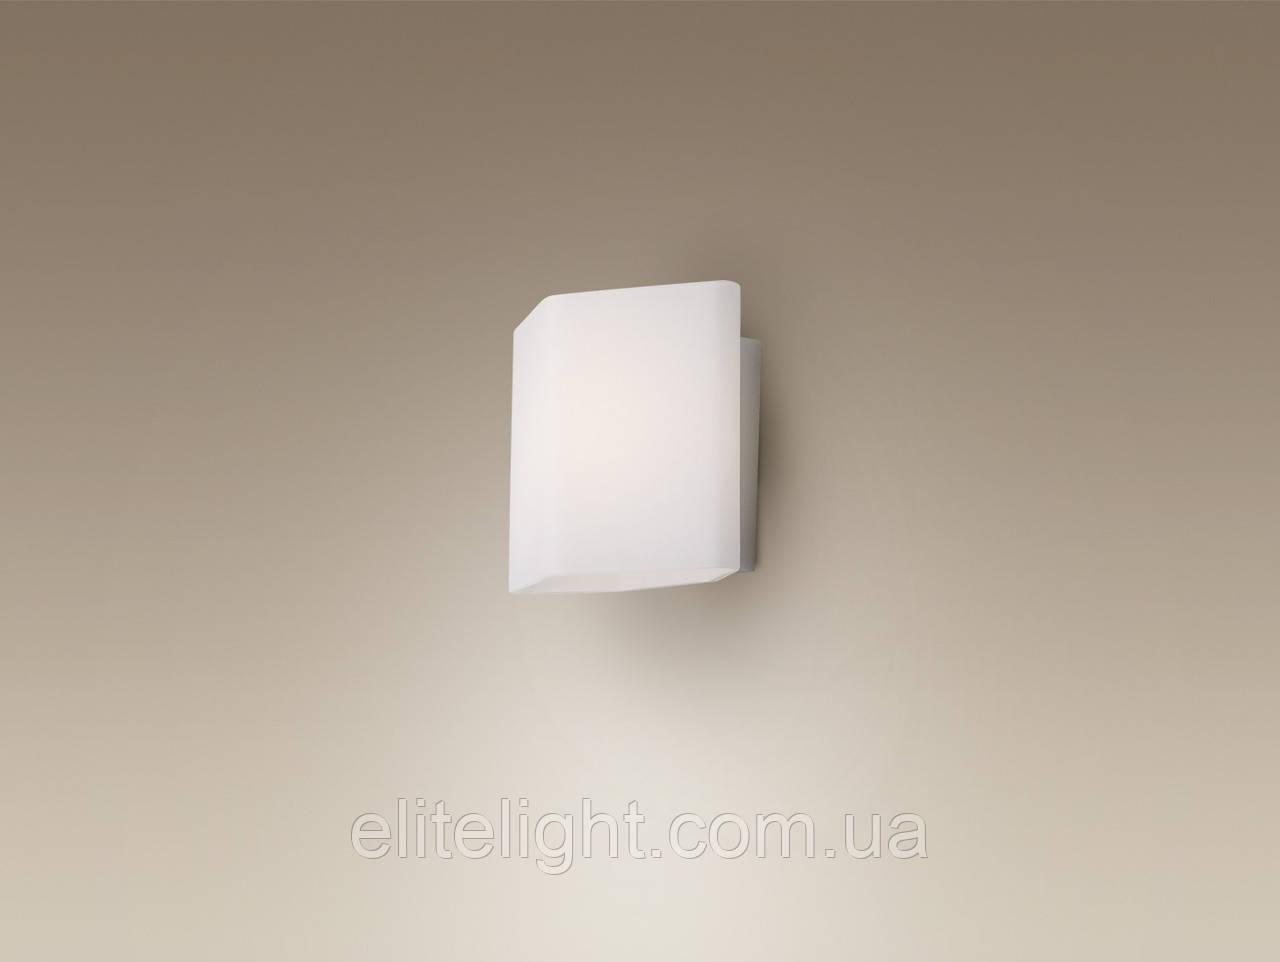 Настенный светильник Maxlight Maxim W0161